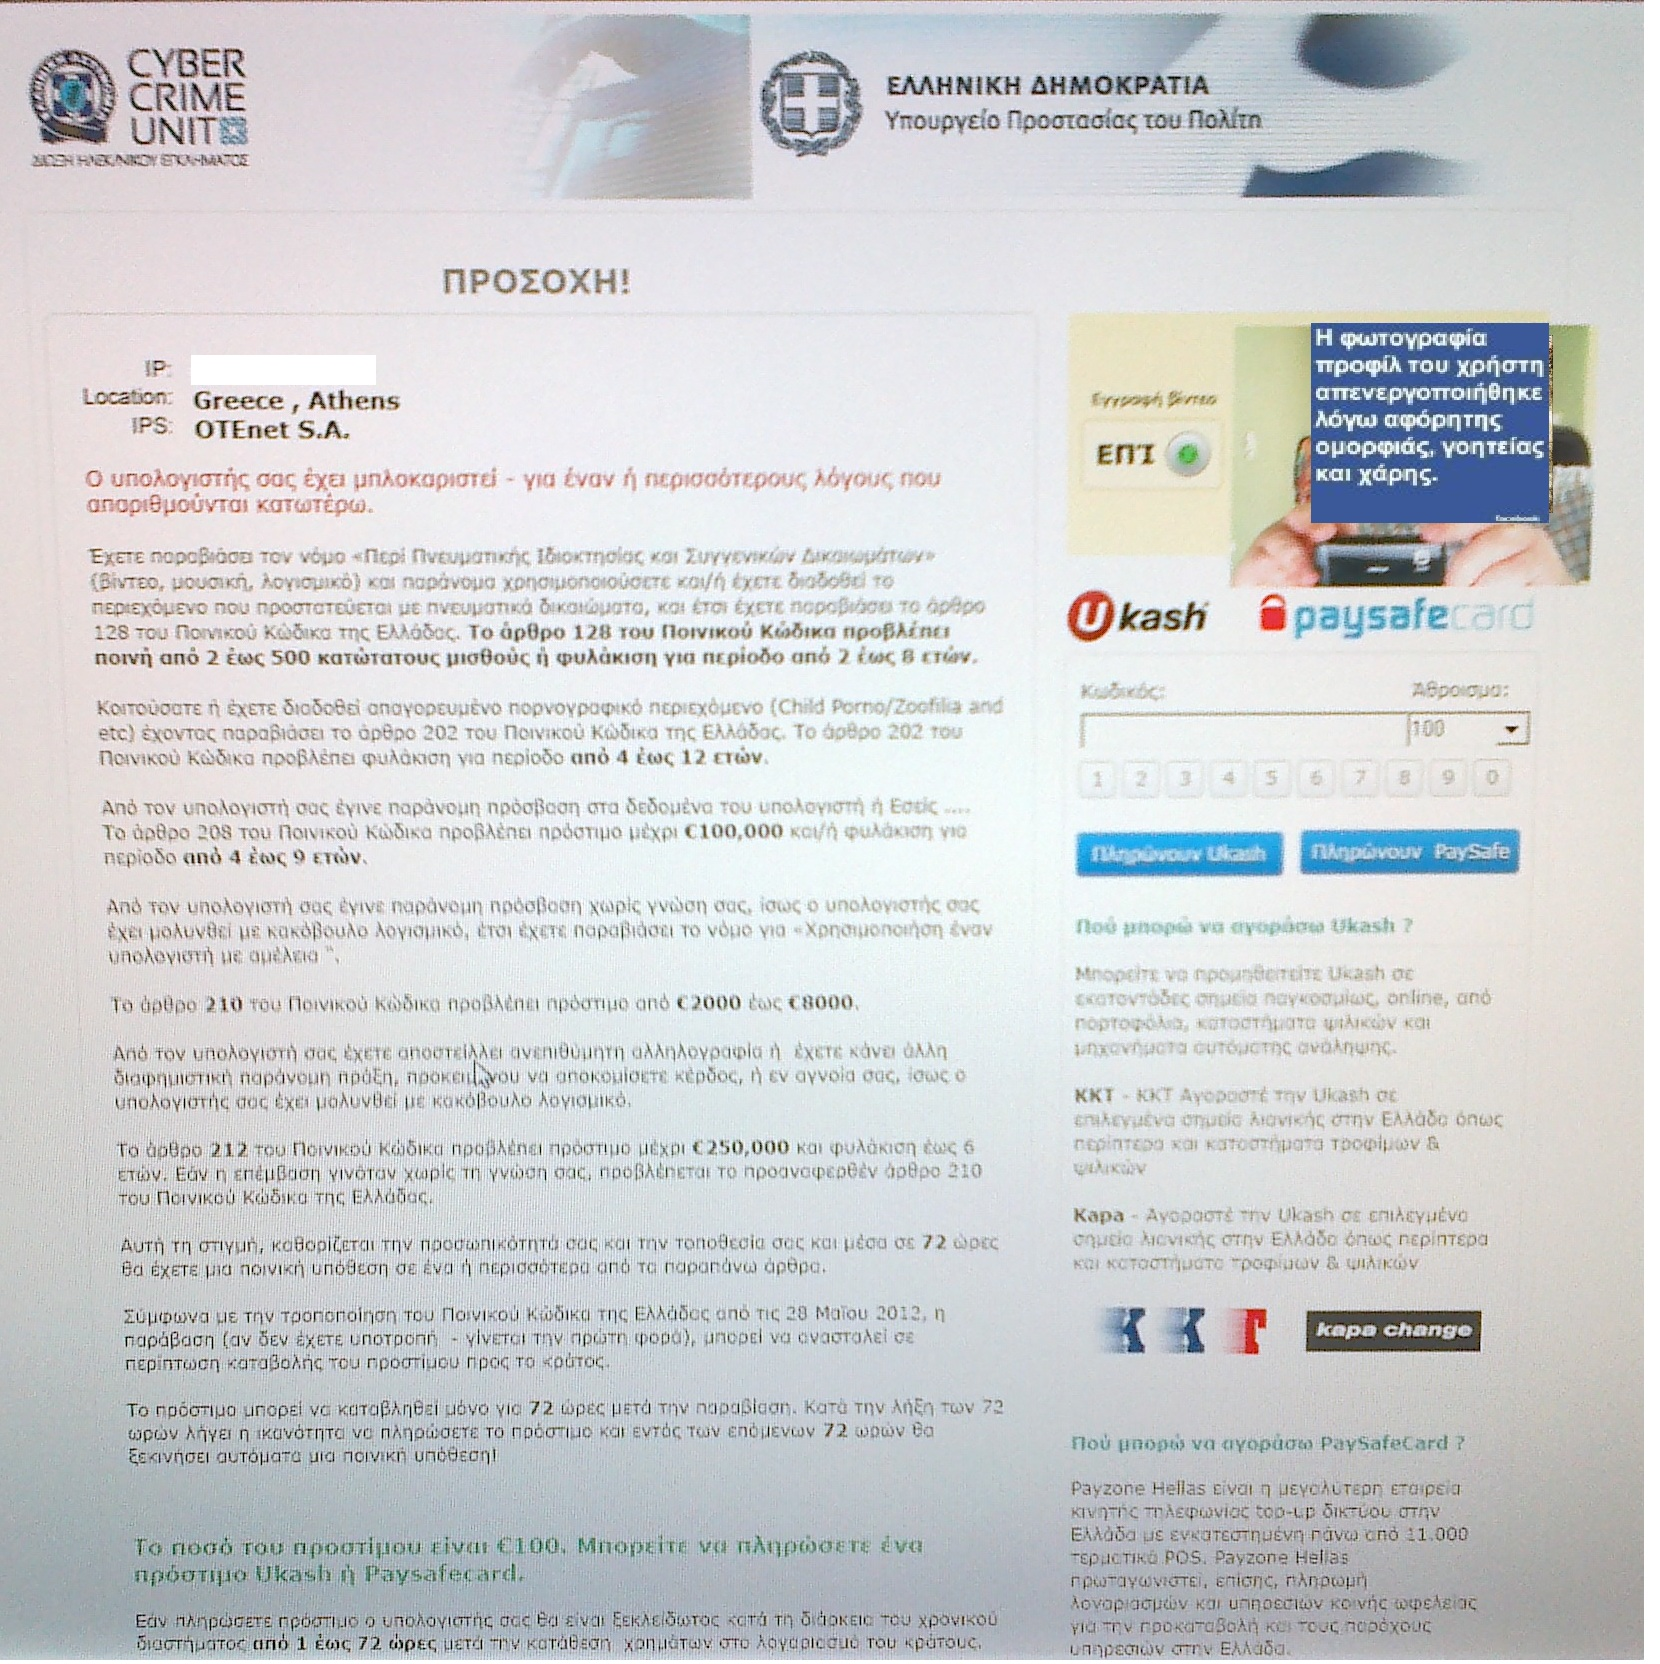 ΕΠΙΚΙΝΔΥΝΟΣ ΙΟΣ ΥΠΟΛΟΓΙΣΤΩΝ ! 29062013virus2